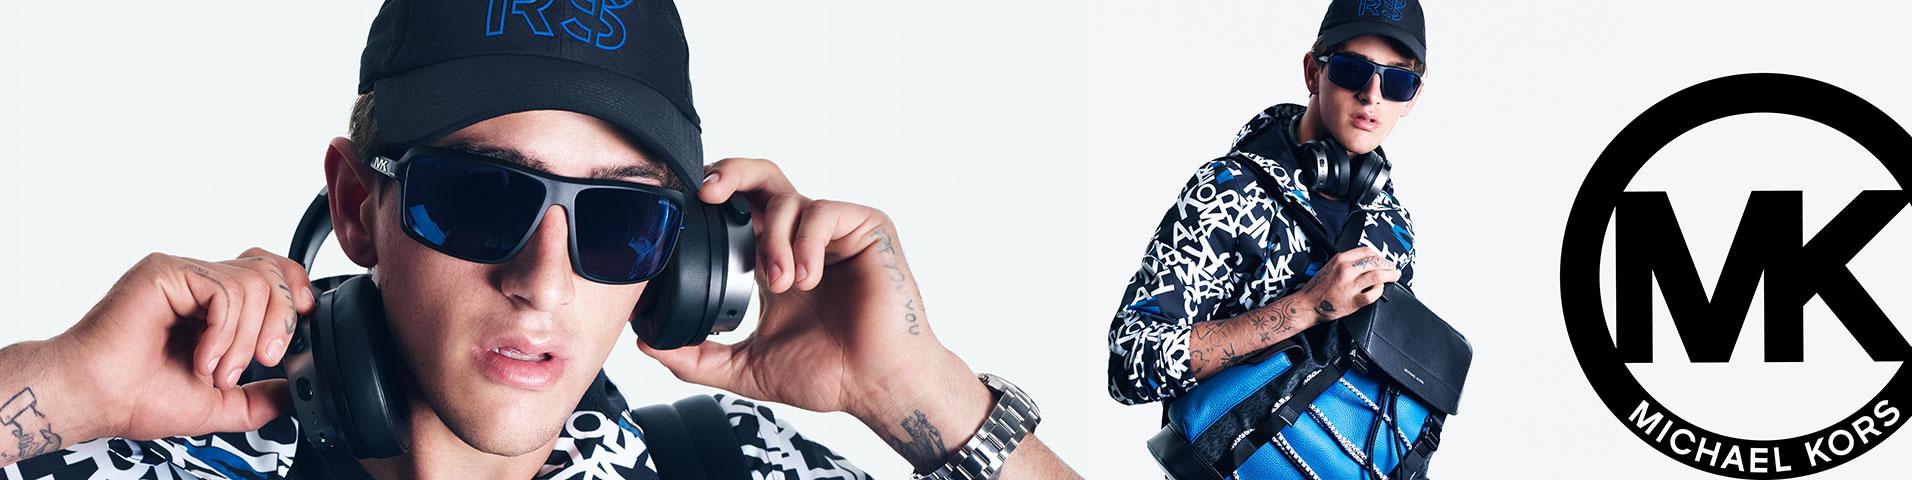 Michael Kors en ligne   Nouvelle collection sur Zalando